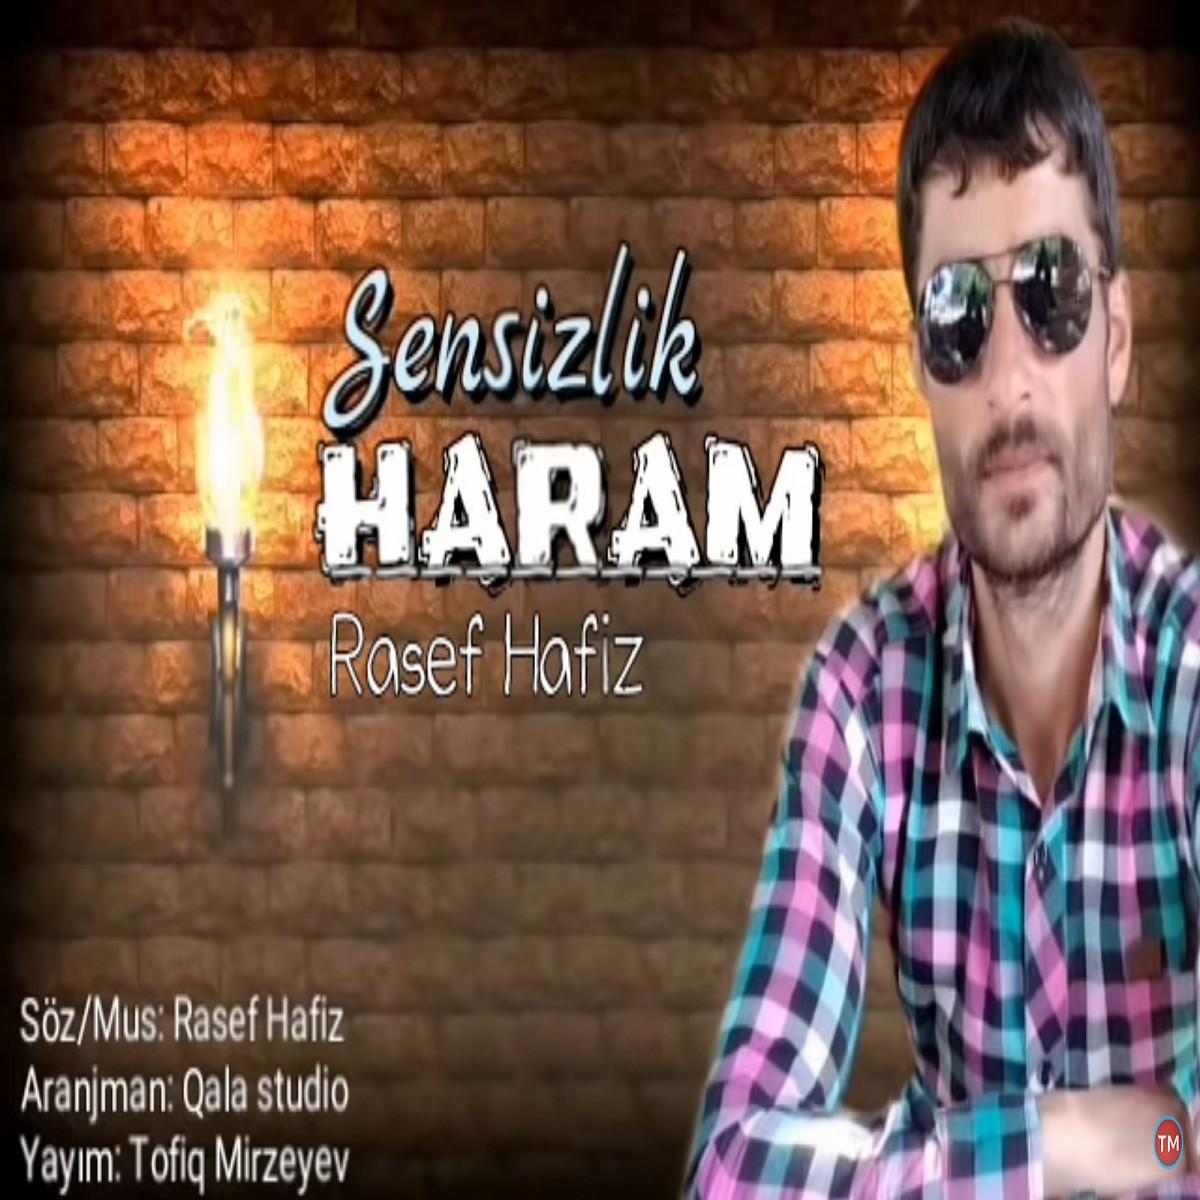 http://s5.picofile.com/file/8369380950/20Rasef_Hafiz_Sensizlik_Haram.jpg